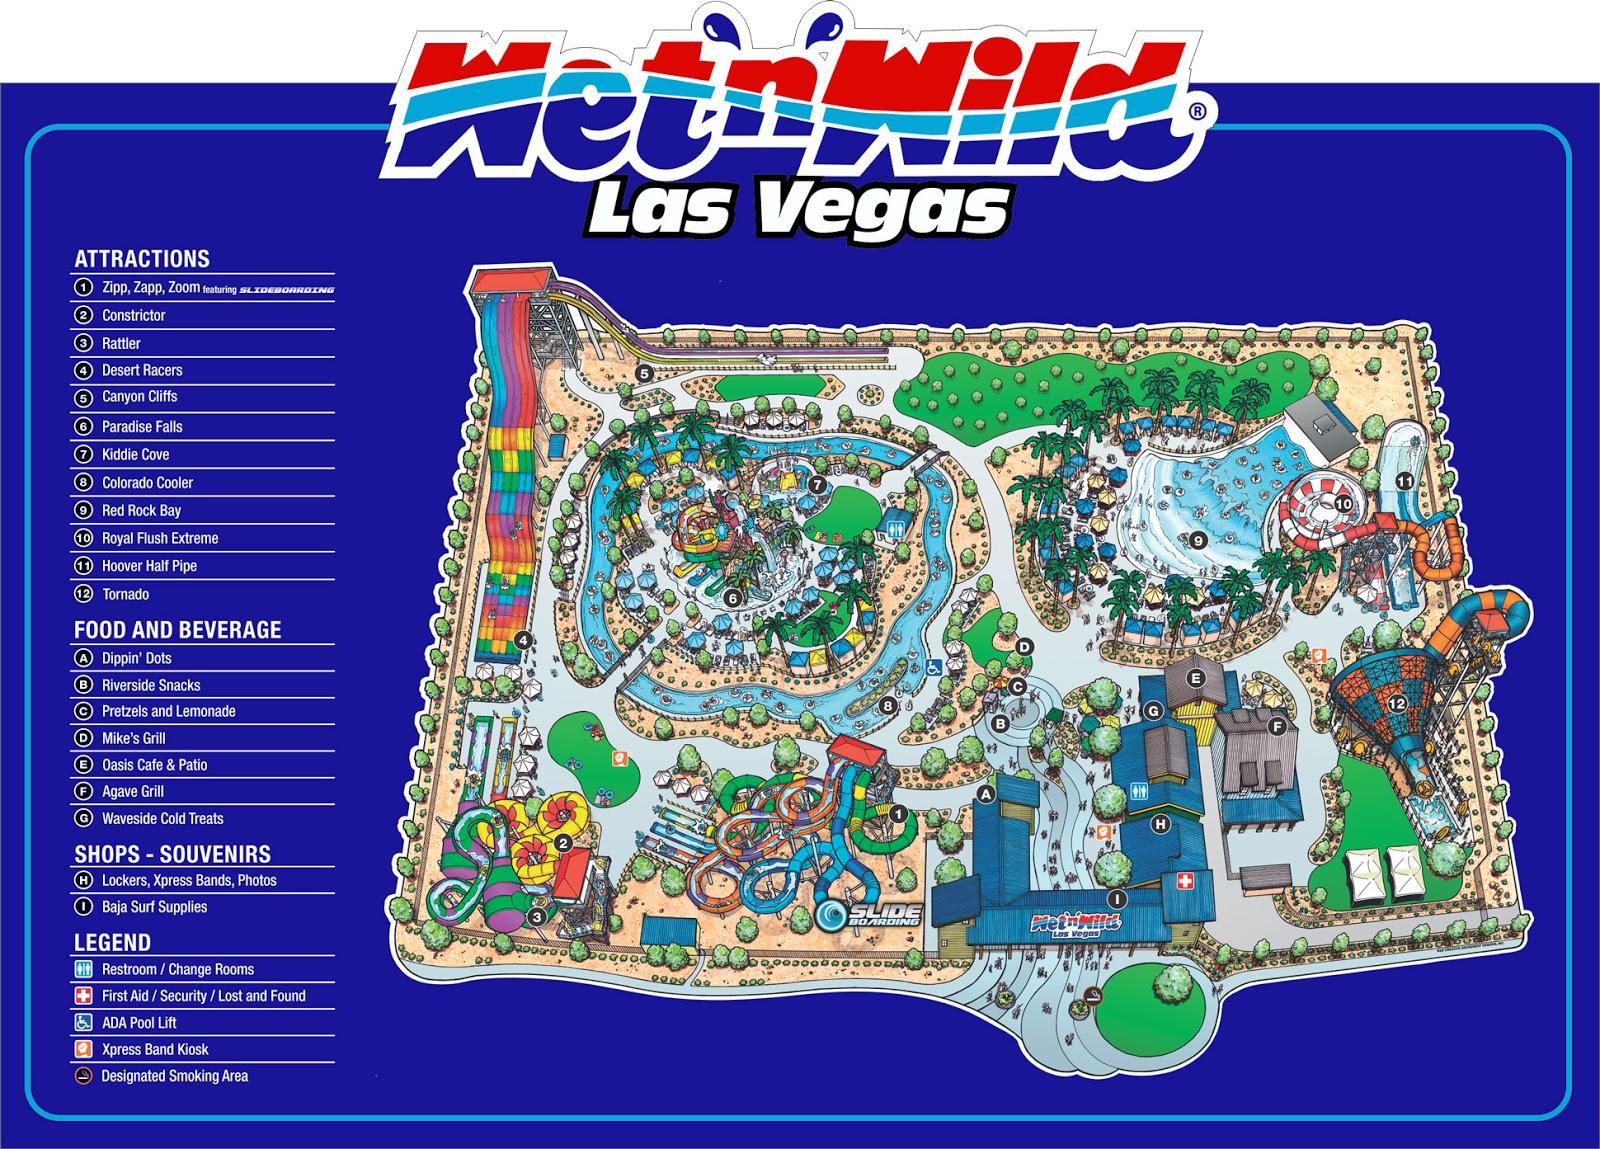 Wet N Wild Las Vegas Map.Kid Friendly Las Vegas Summer Guide To Wet N Wild Kid Friendly